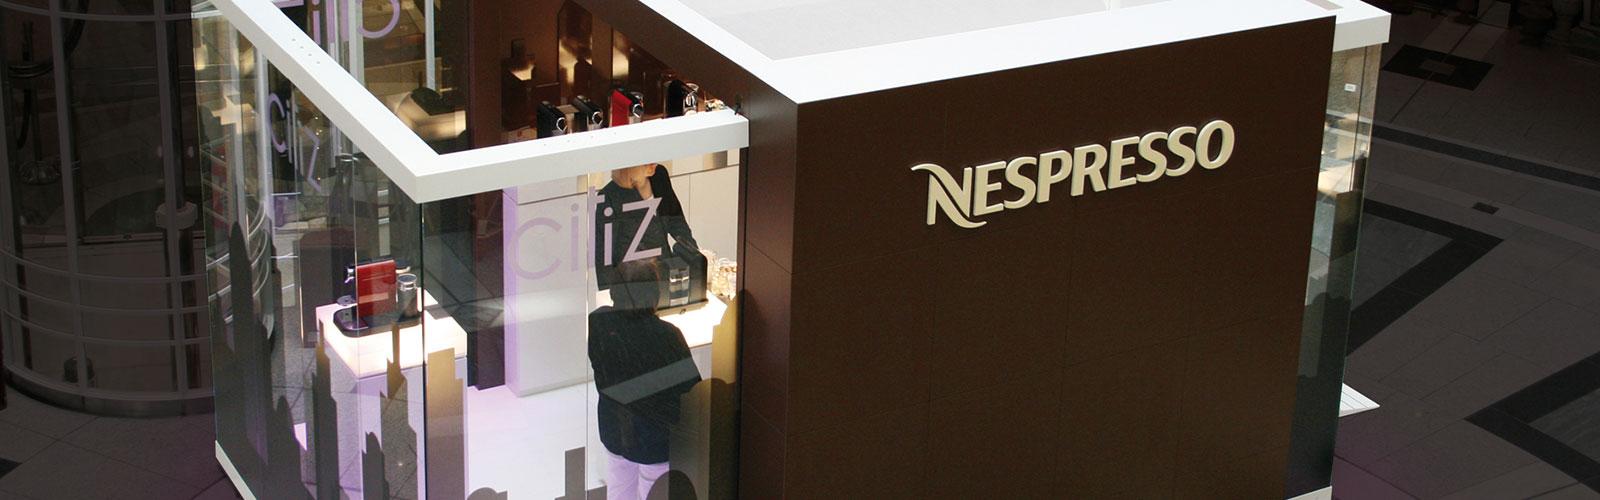 Braunwagner Spatial und Interior Design Nespresso mobiler Showroom Pixie, Cube und U&me